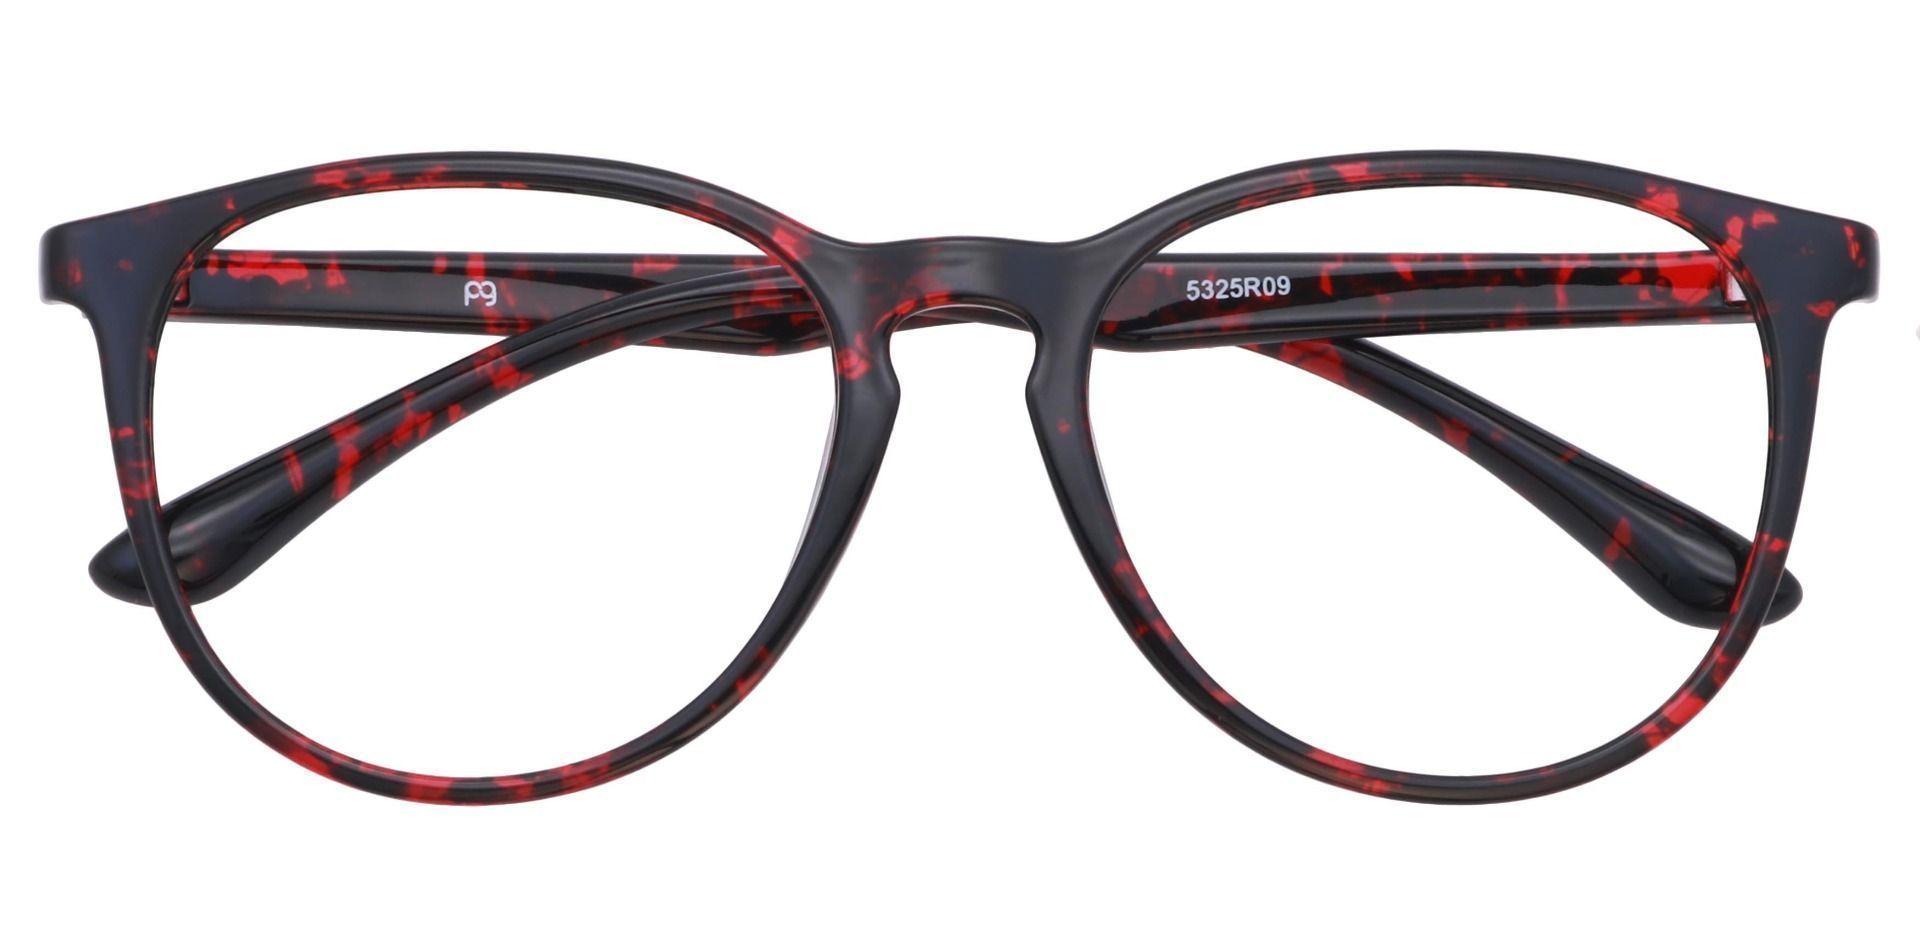 Maple Oversized Oval Eyeglasses Frame - Dark Red Havana